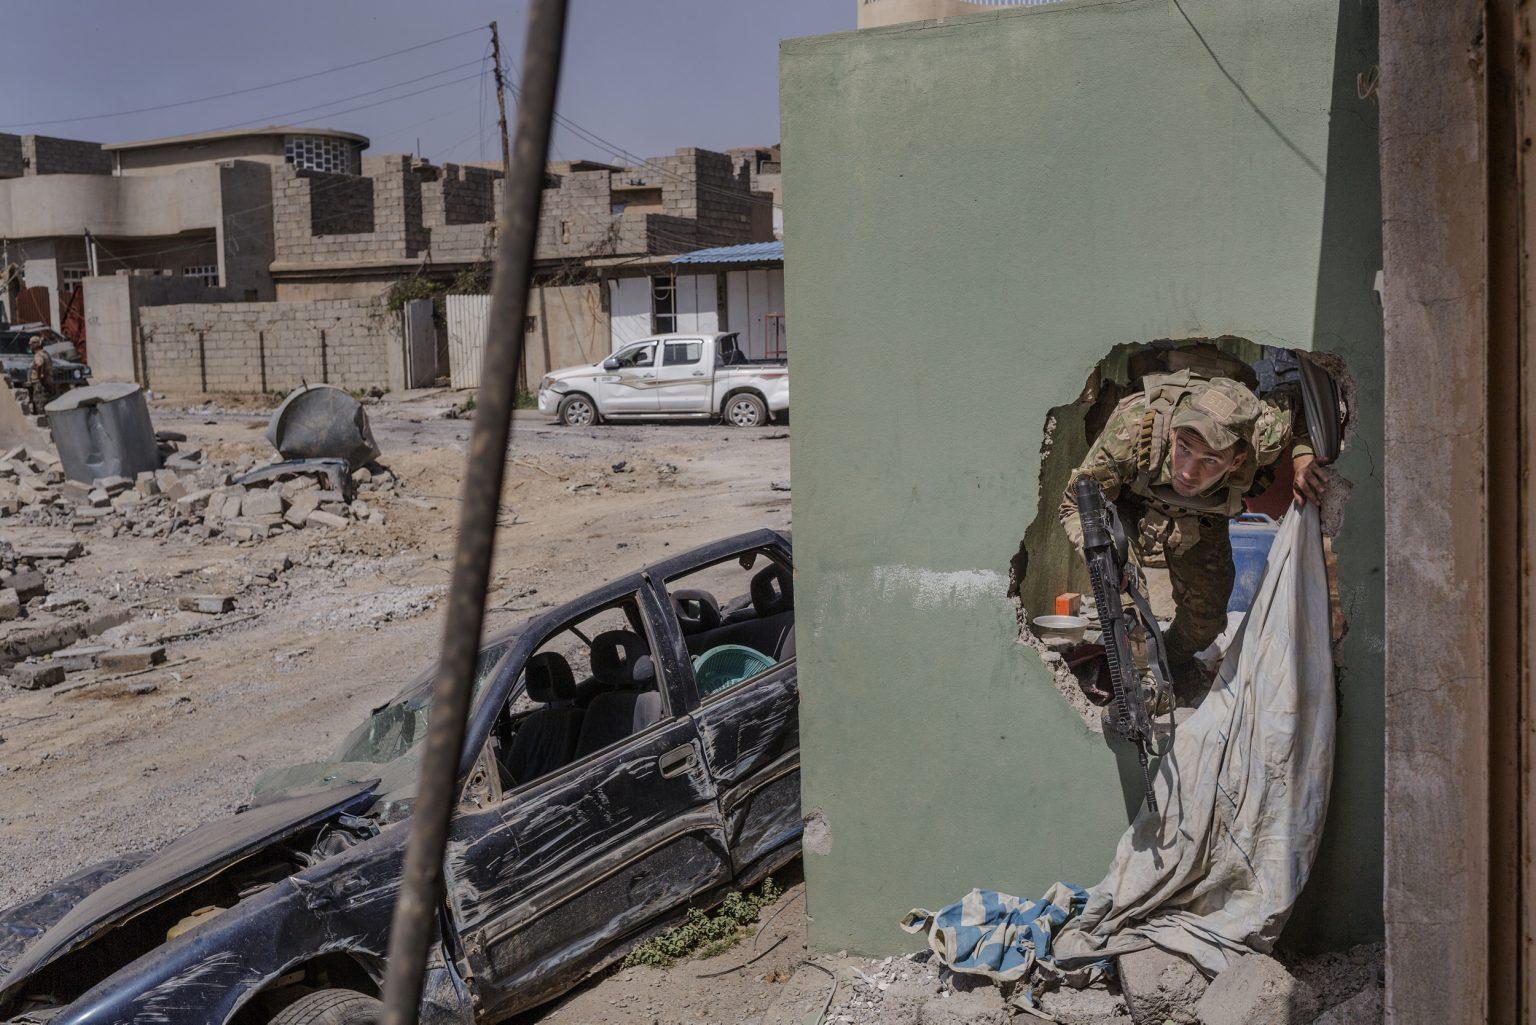 Mosul, Iraq, May 14th 2017 - Iraqi soldier from the ERD (Emergency Response Division) di vision during an operation to retake the north west of city from the Islamic State. ----------- Mosul, Iraq, 14 maggio 2017 - Soldato iracheno dell'ERD (Emergency Response Division) di vision durante un'operazione per riconquistare il nord ovest della città dallo Stato Islamico.